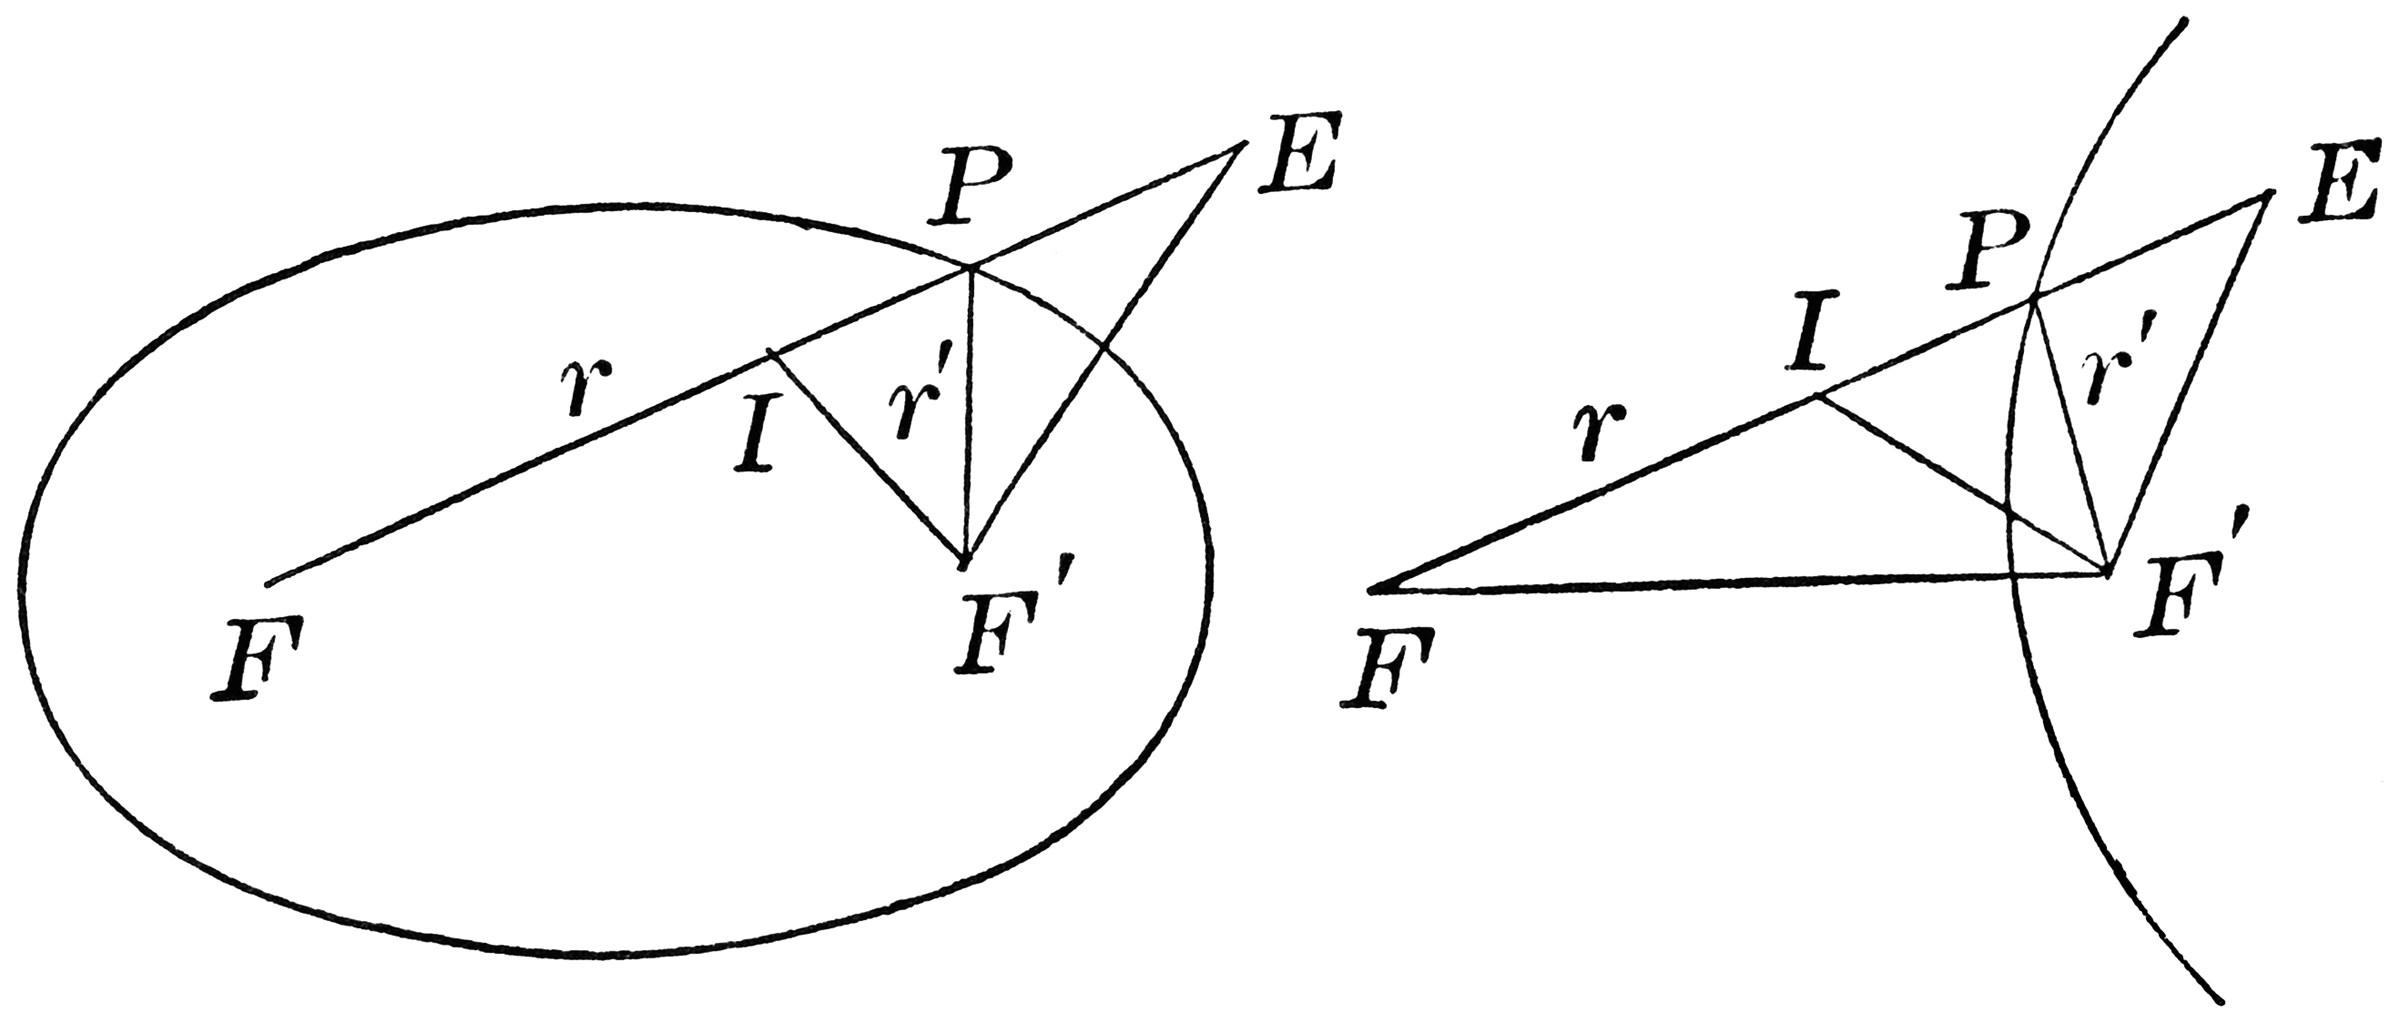 conic sections diagram 90cc pit bike wiring foci distances on an ellipse clipart etc